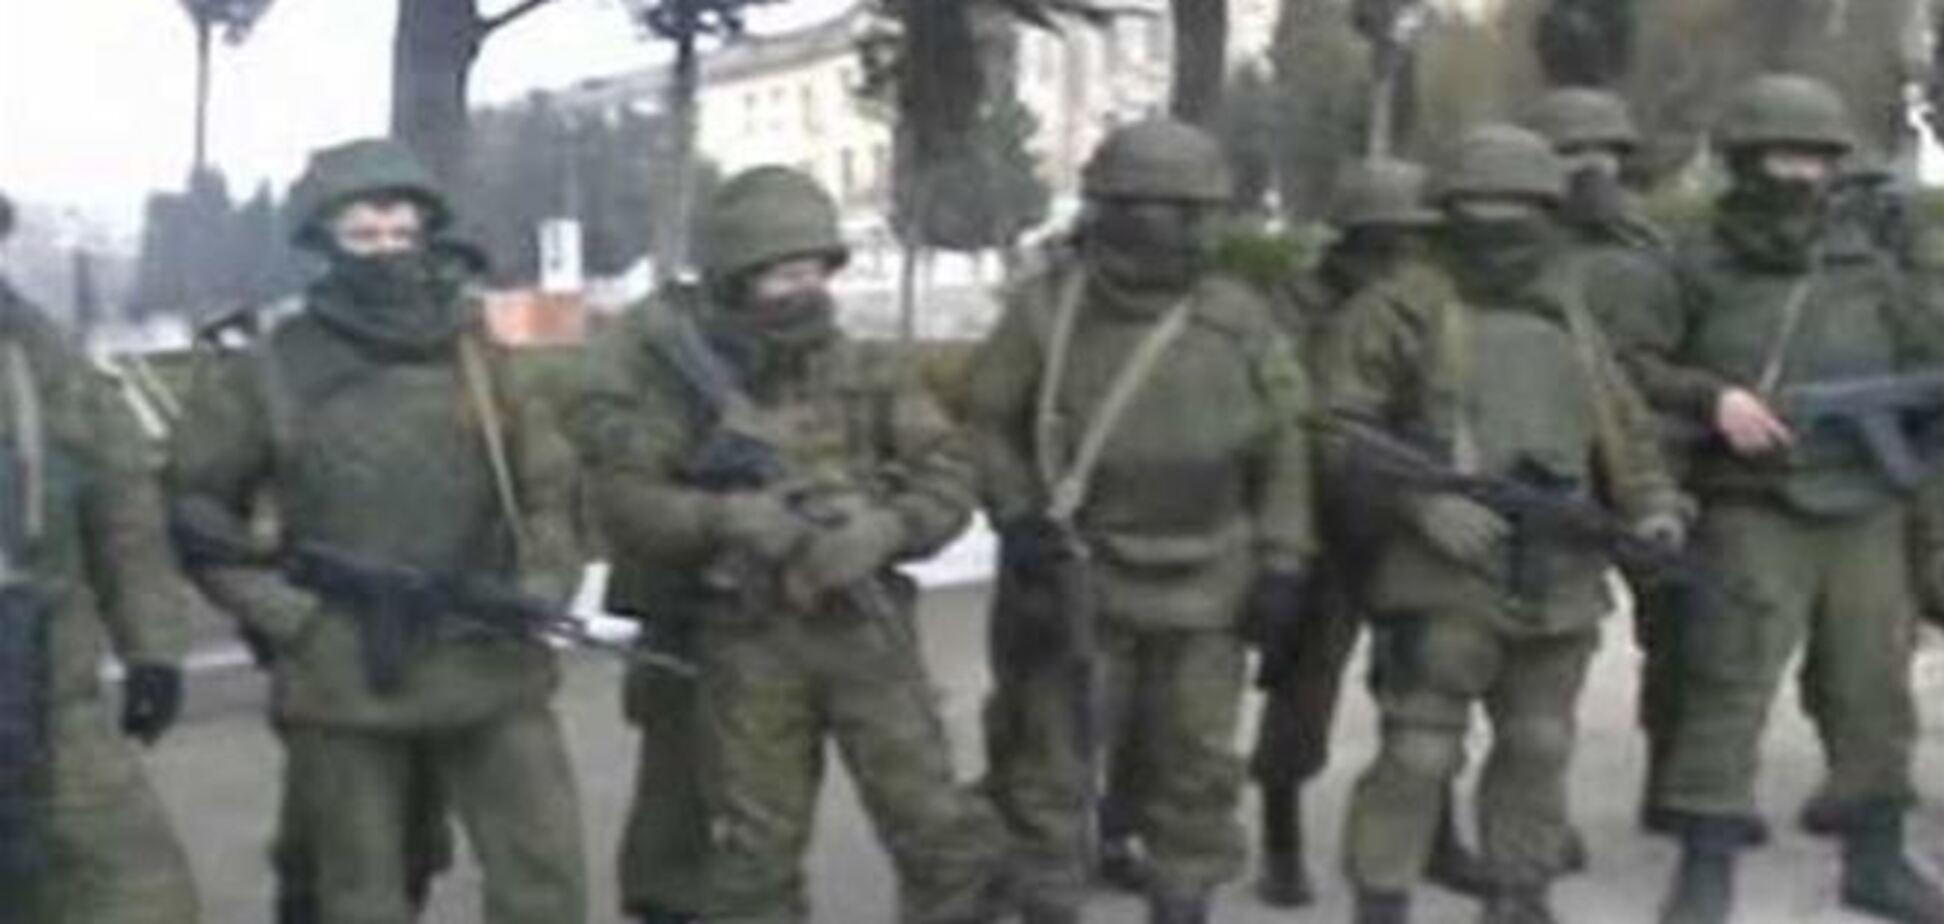 Обезоруженный офицер украинской армии в одиночку остановил отряд вооруженных автоматчиков